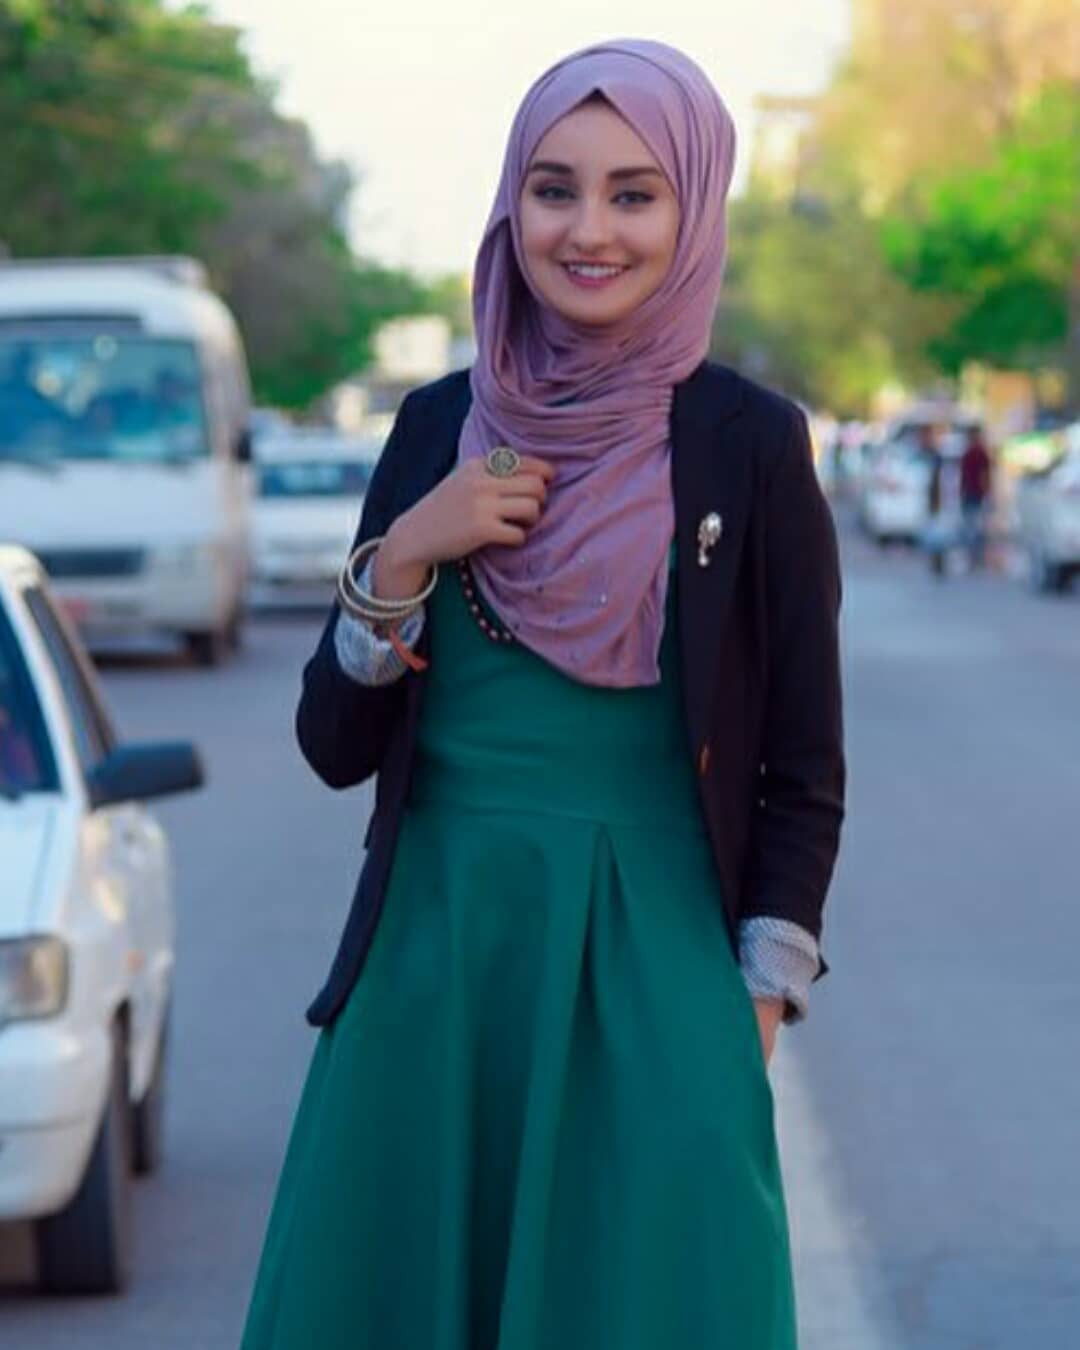 بالصور بنات كيوت محجبات , الحجاب واحدث صيحاته مع البنات الجمال 5461 11